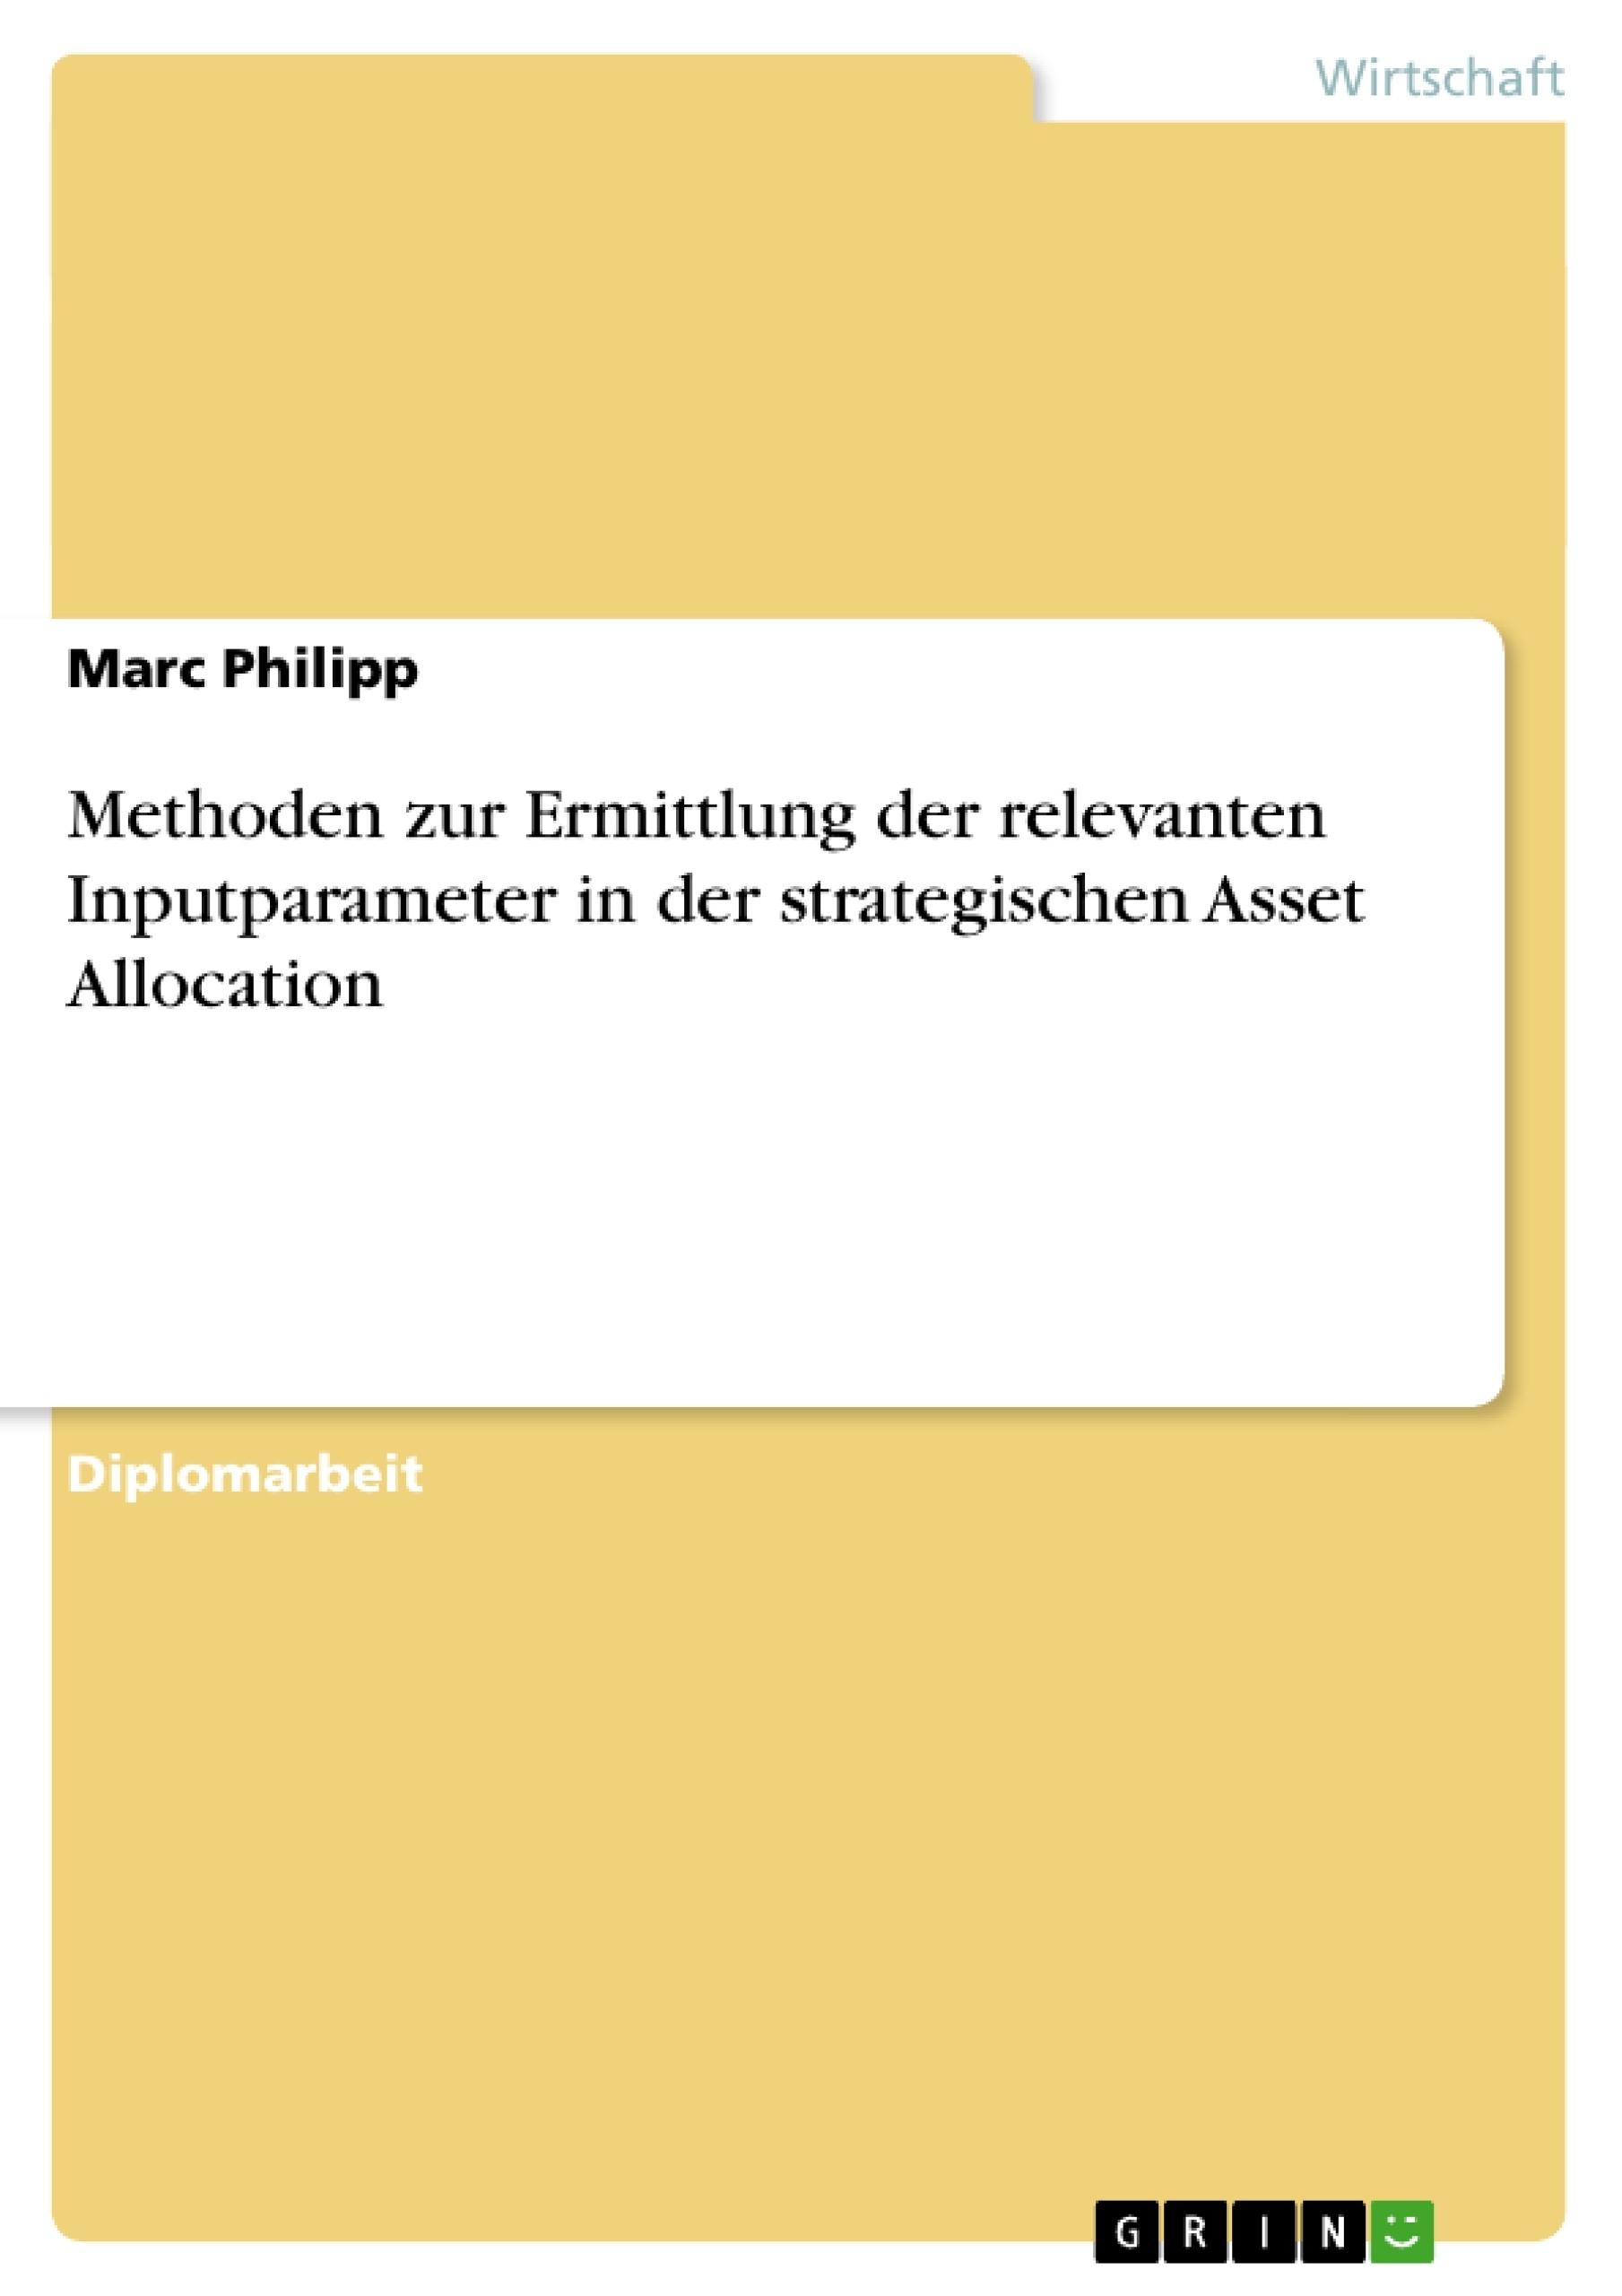 Titel: Methoden zur Ermittlung der relevanten Inputparameter in der strategischen Asset Allocation